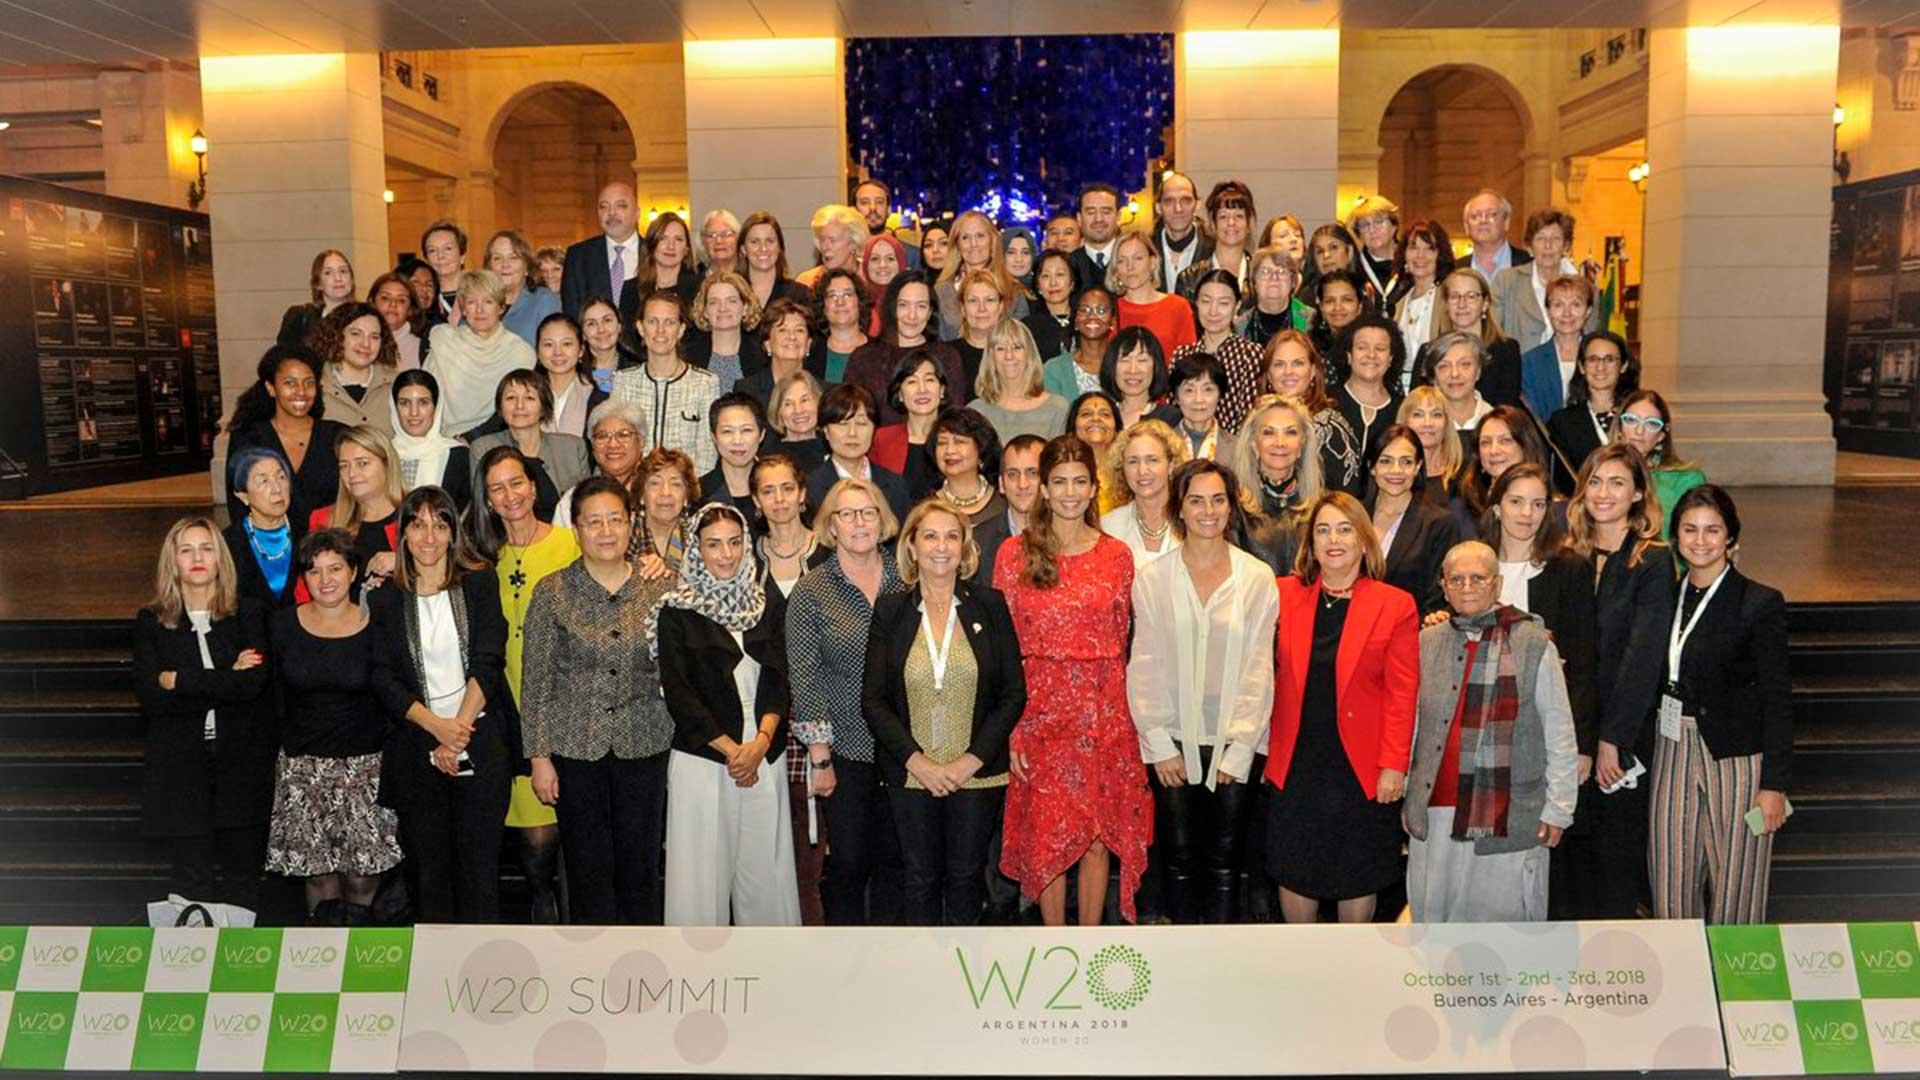 Ayer, en las sesiones cerradas, la primera dama Juliana Awada inauguró la cumbre del W20 en el CCK